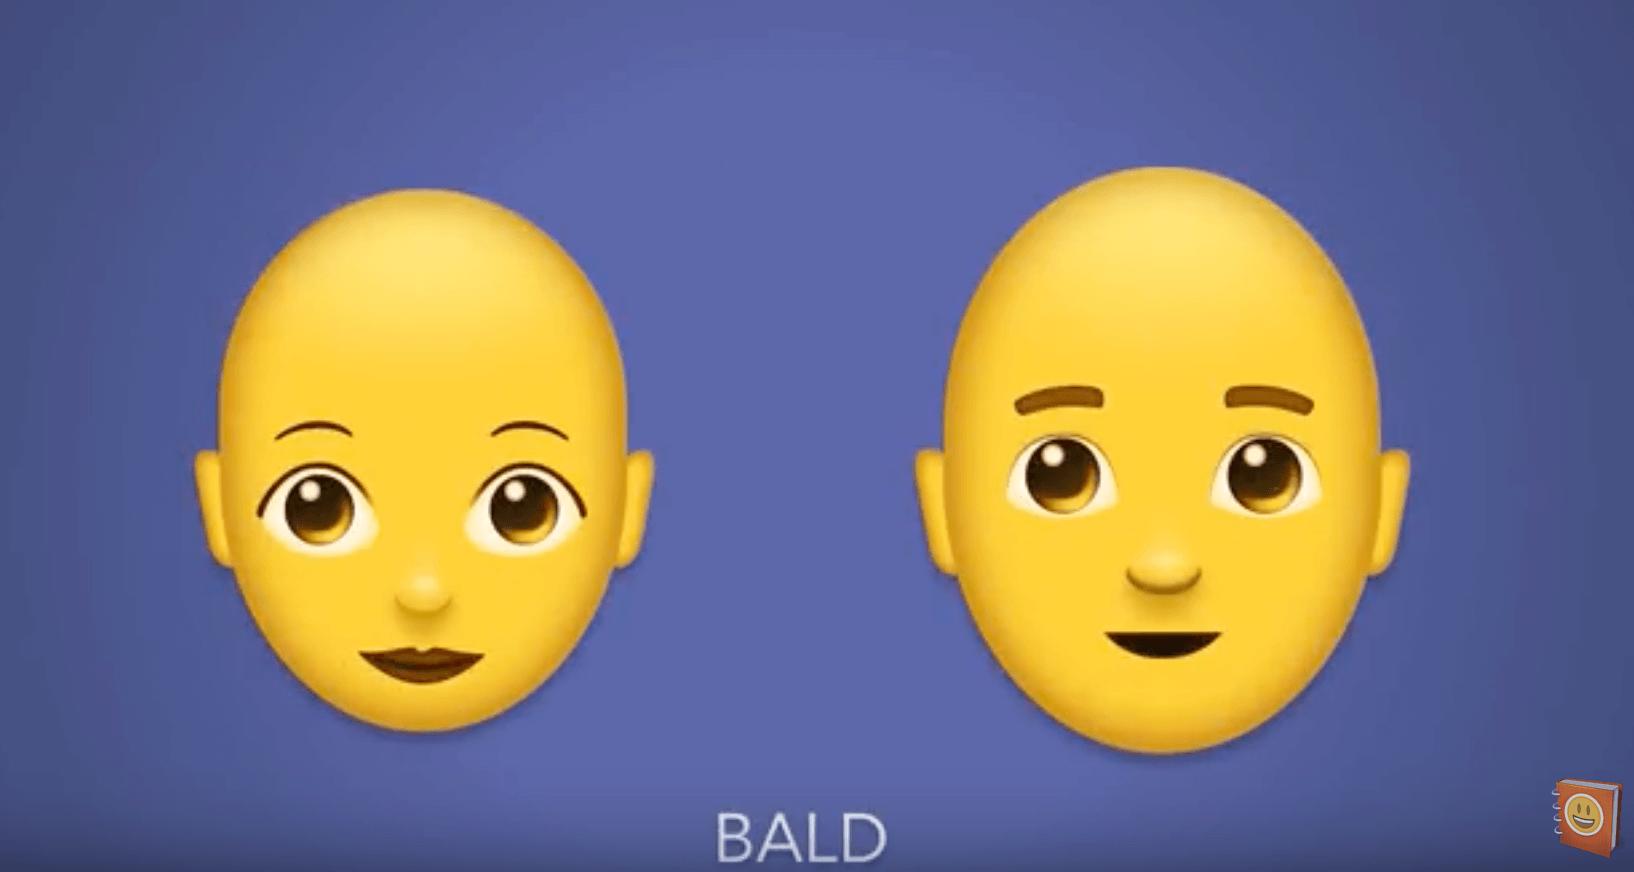 Die neuen Emojis: Partygesicht, coole Frisuren und noch mehr Liebe